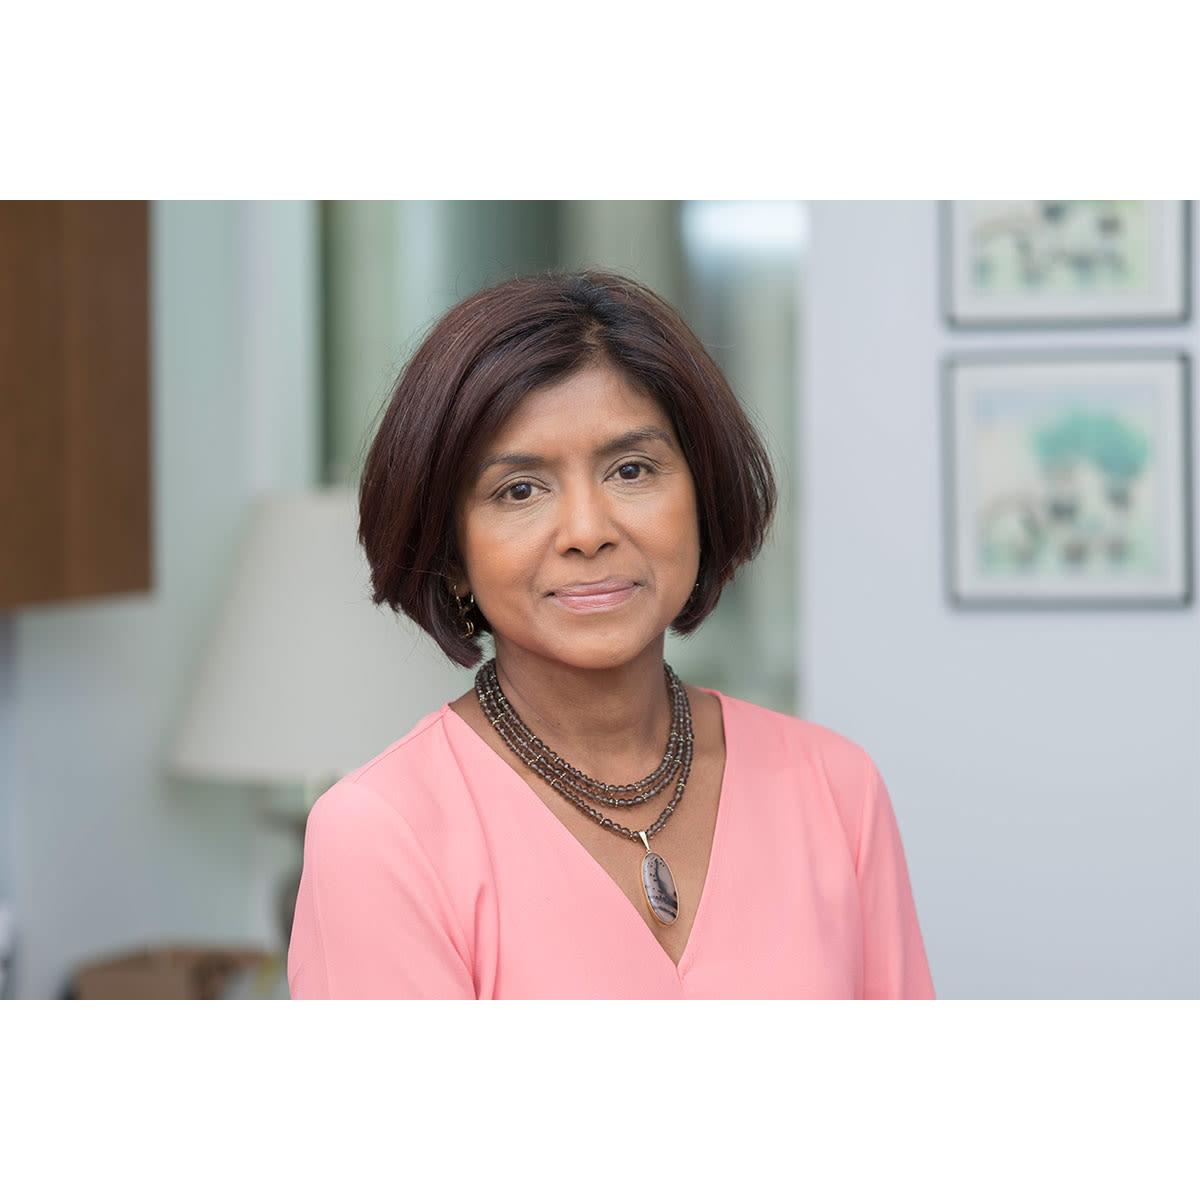 Kishwer Nehal, Memorial Sloan Kettering Cancer Center - Dermatology